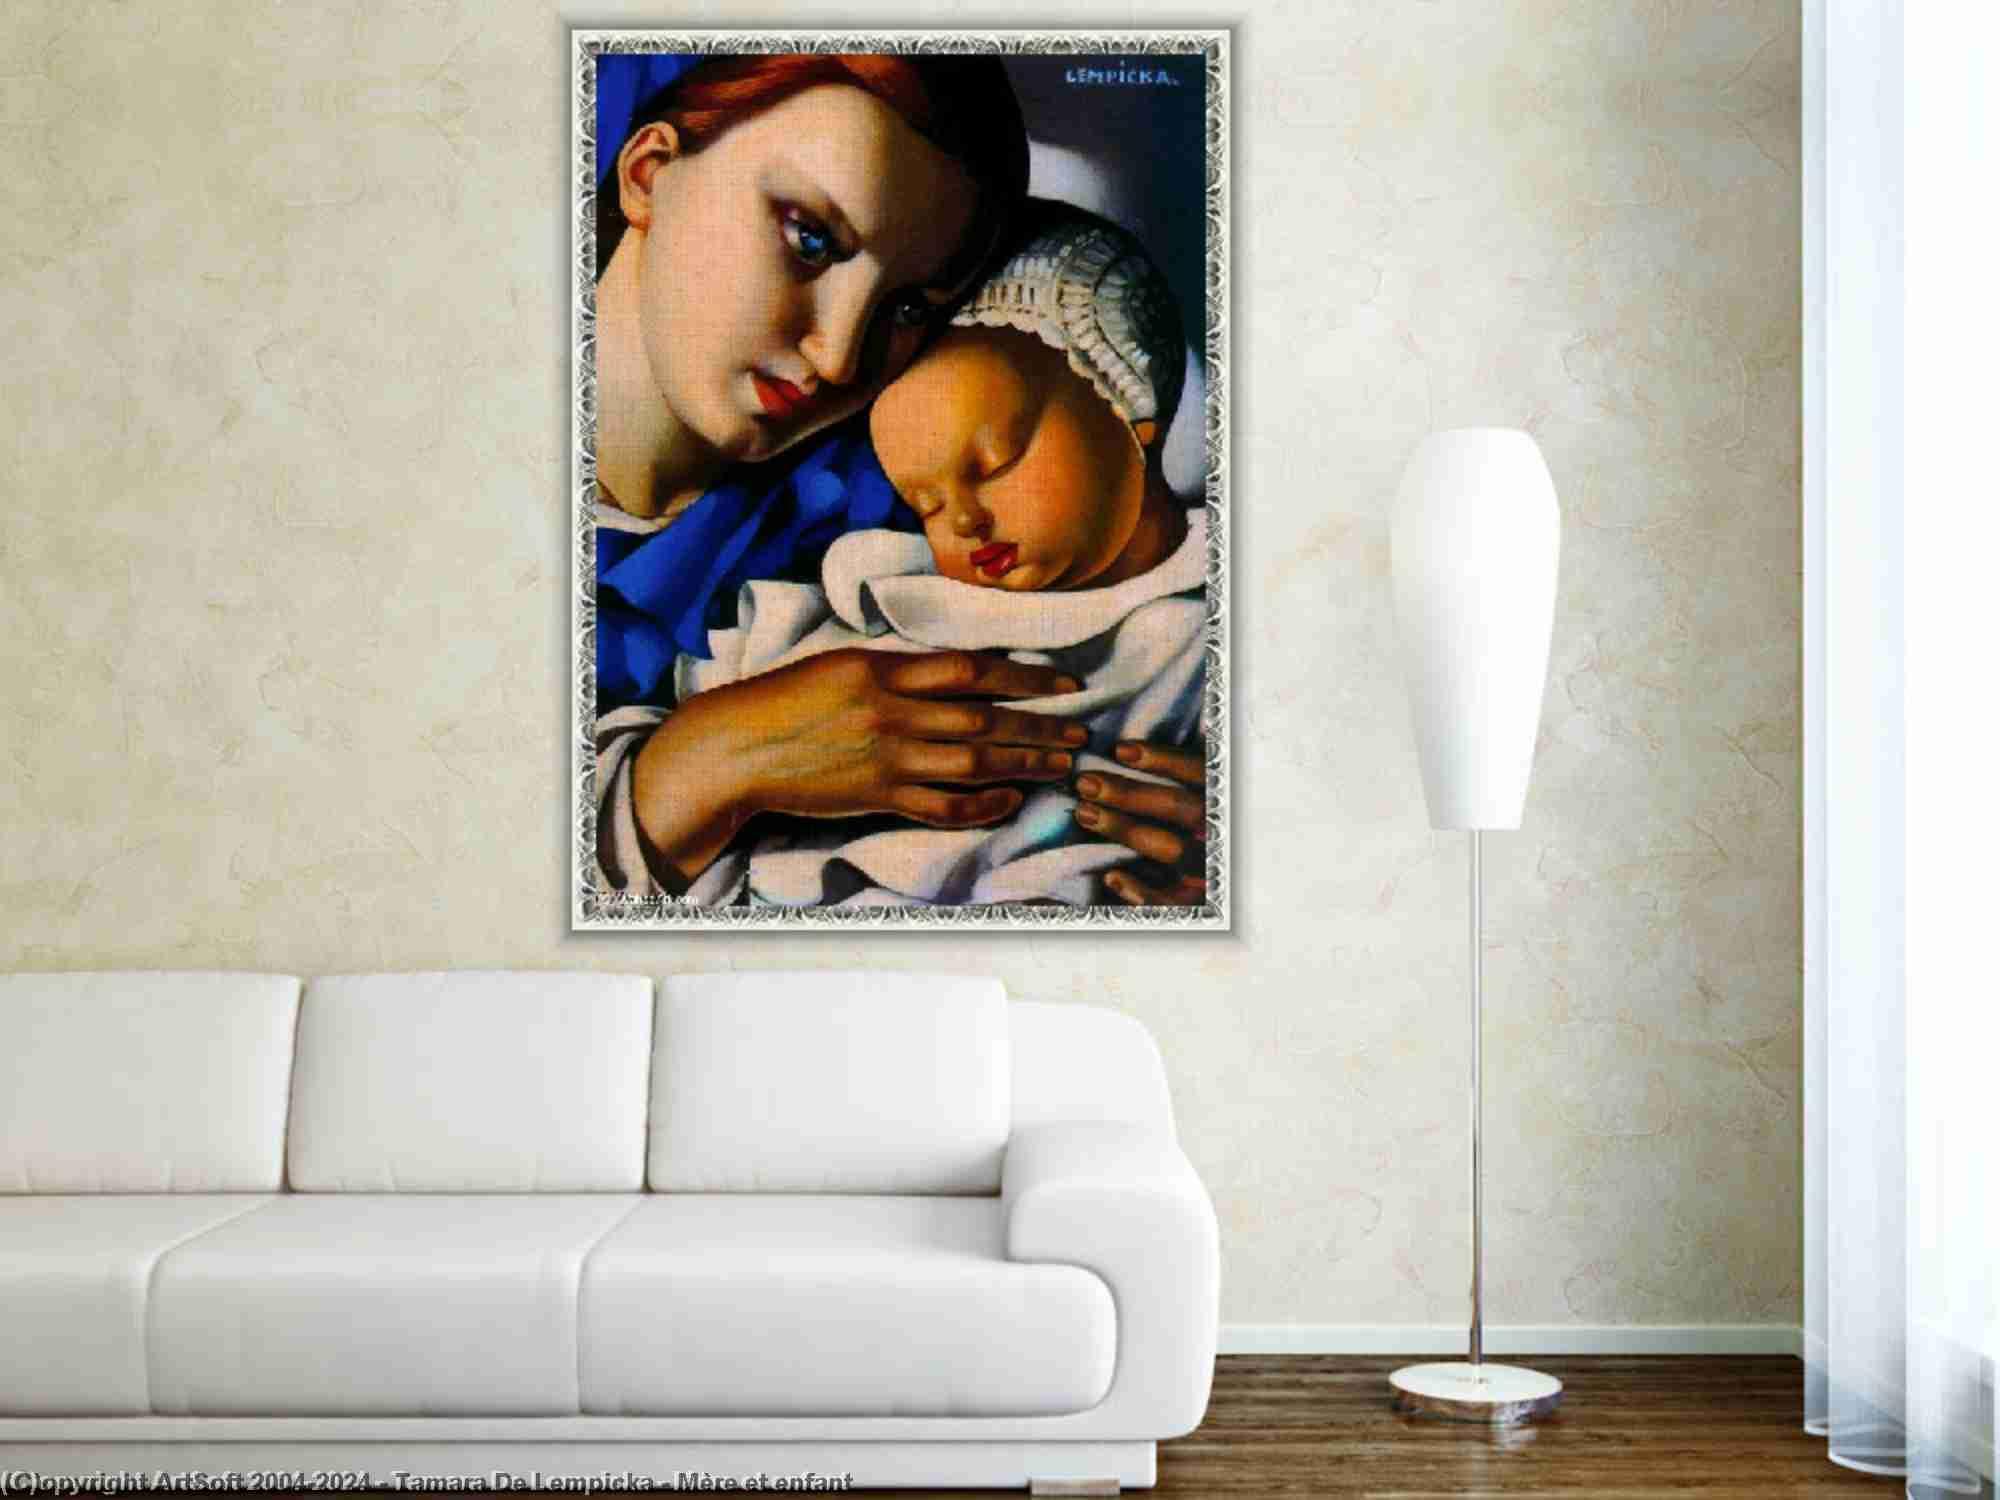 Tamara De Lempicka - Pur et enfant